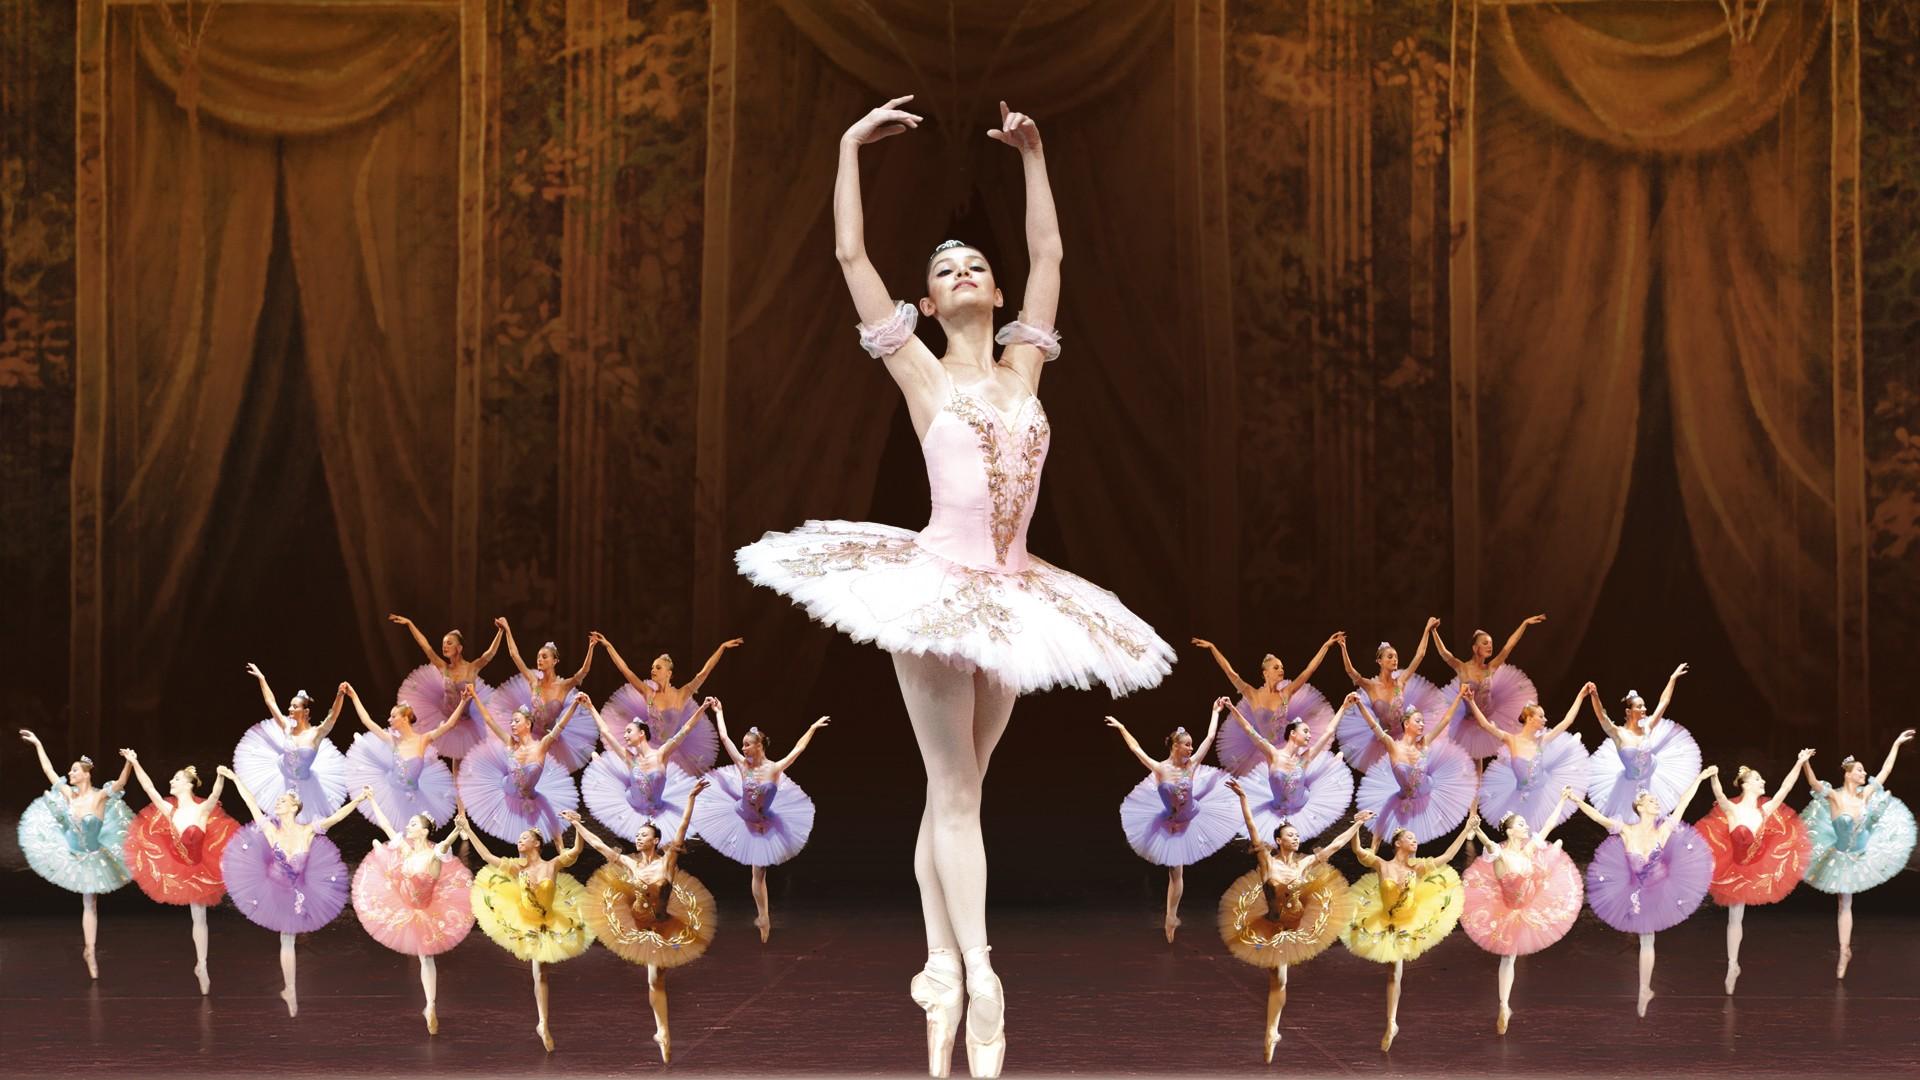 Кремлевский дворец балет золушка билеты концерты армянских звезд купить билеты в москве